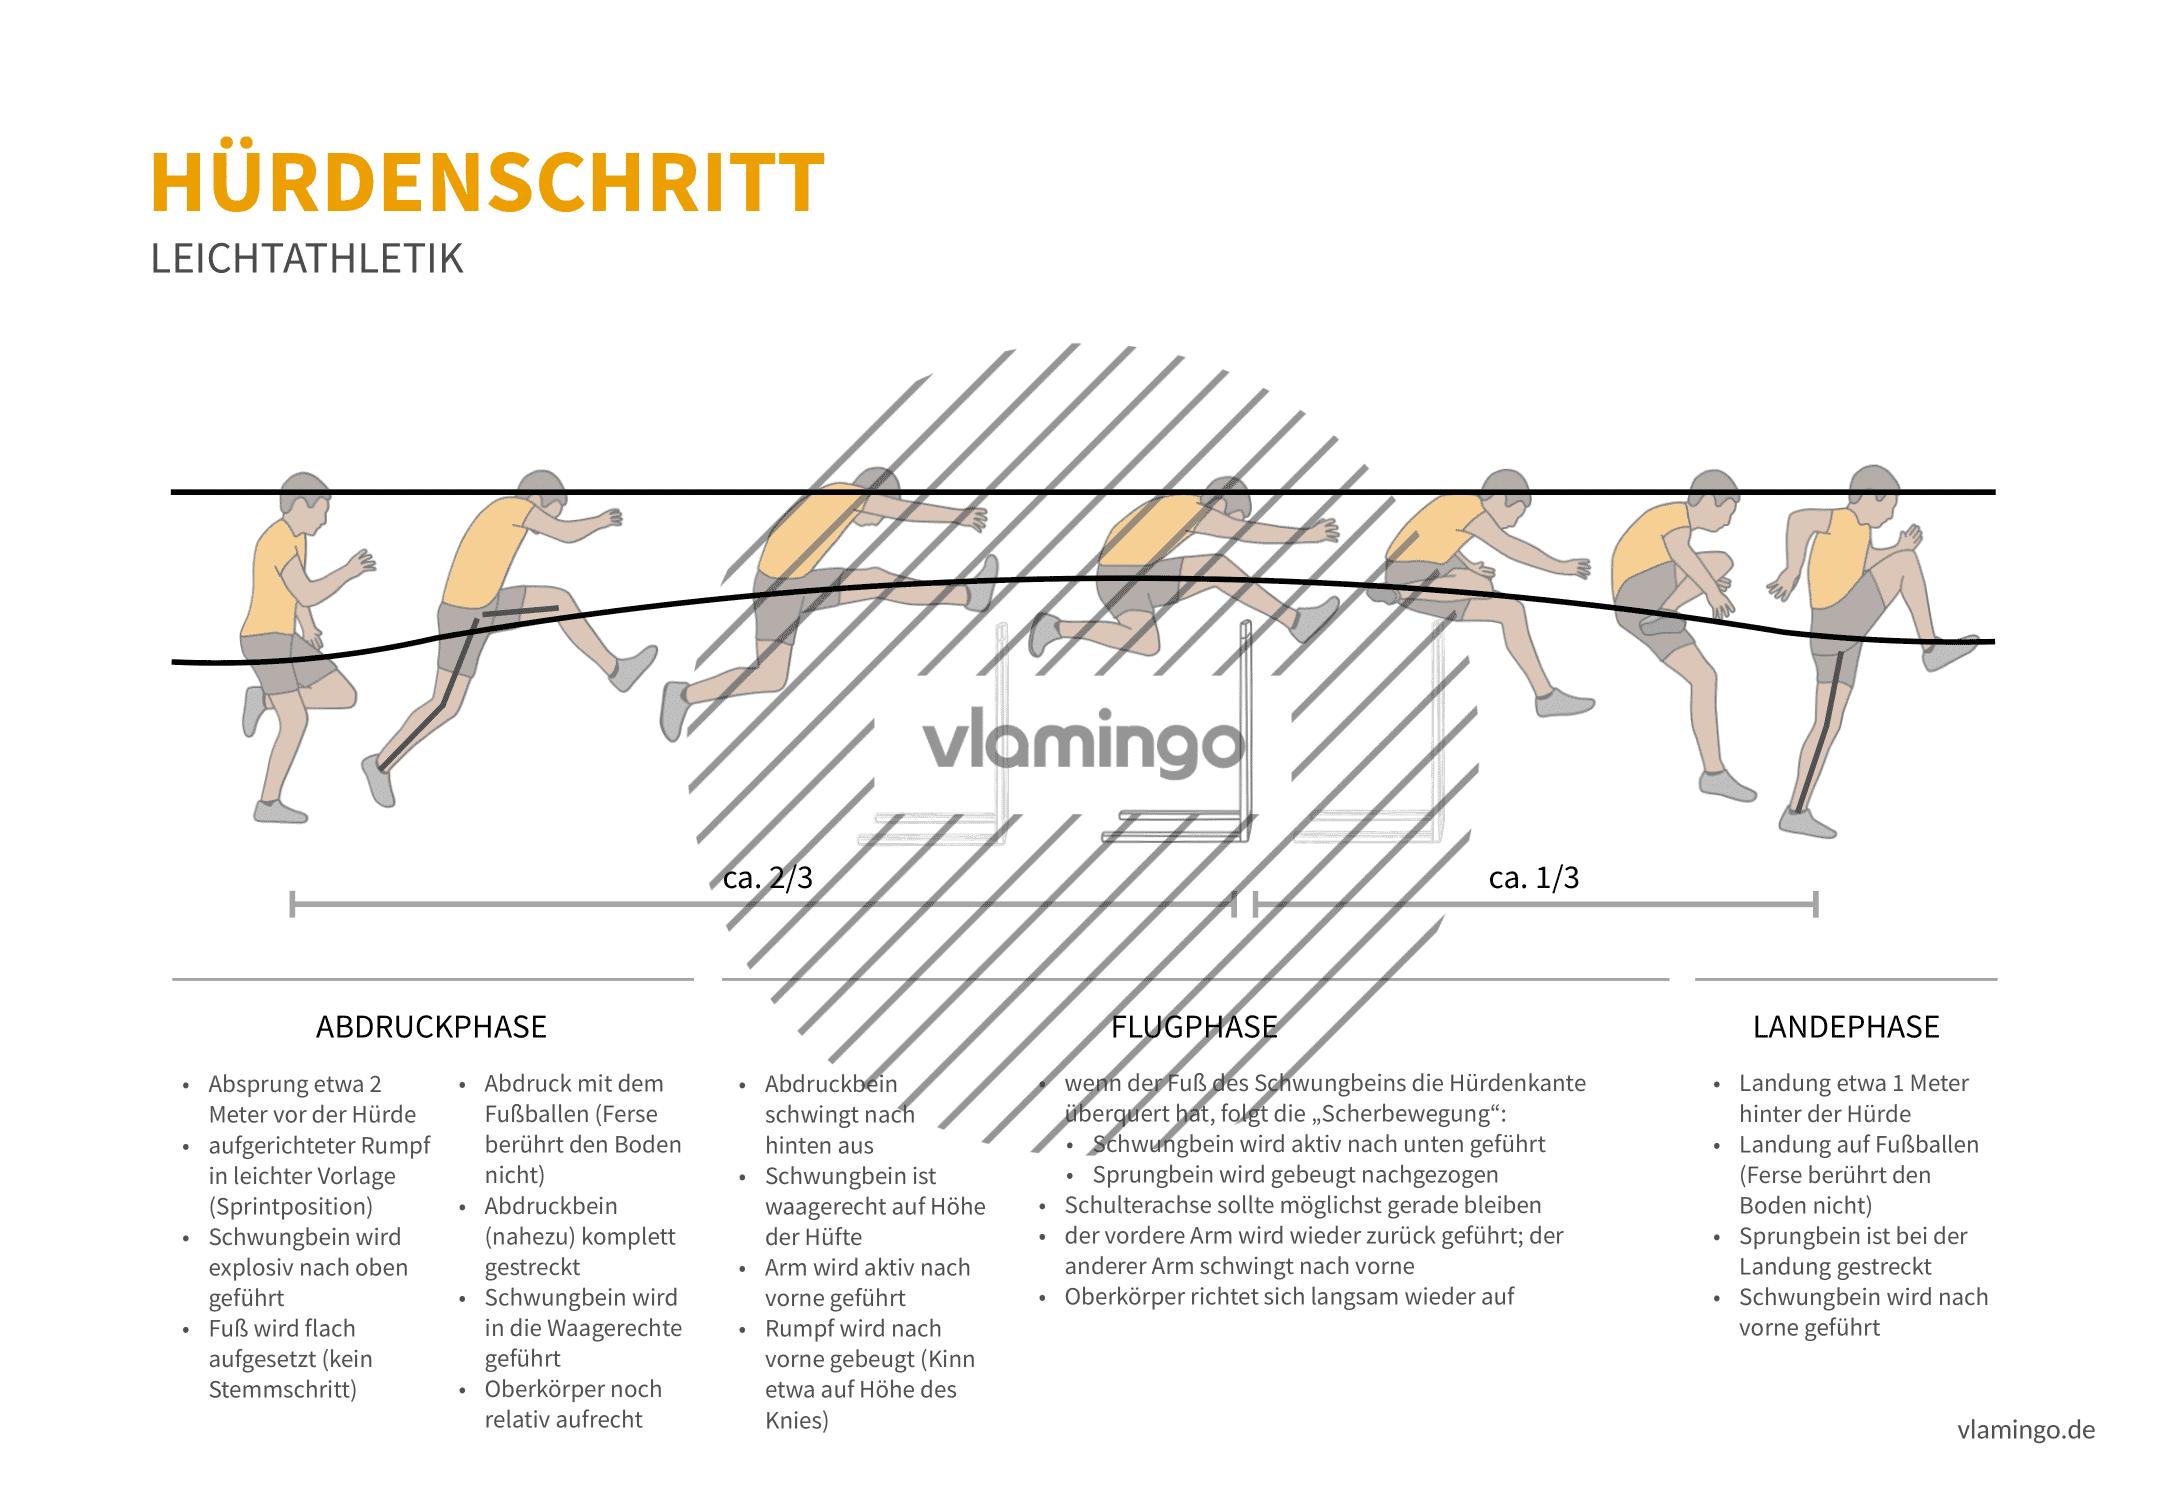 Hürdenschritt (Bewegungsanalyse) - Leichtathletik